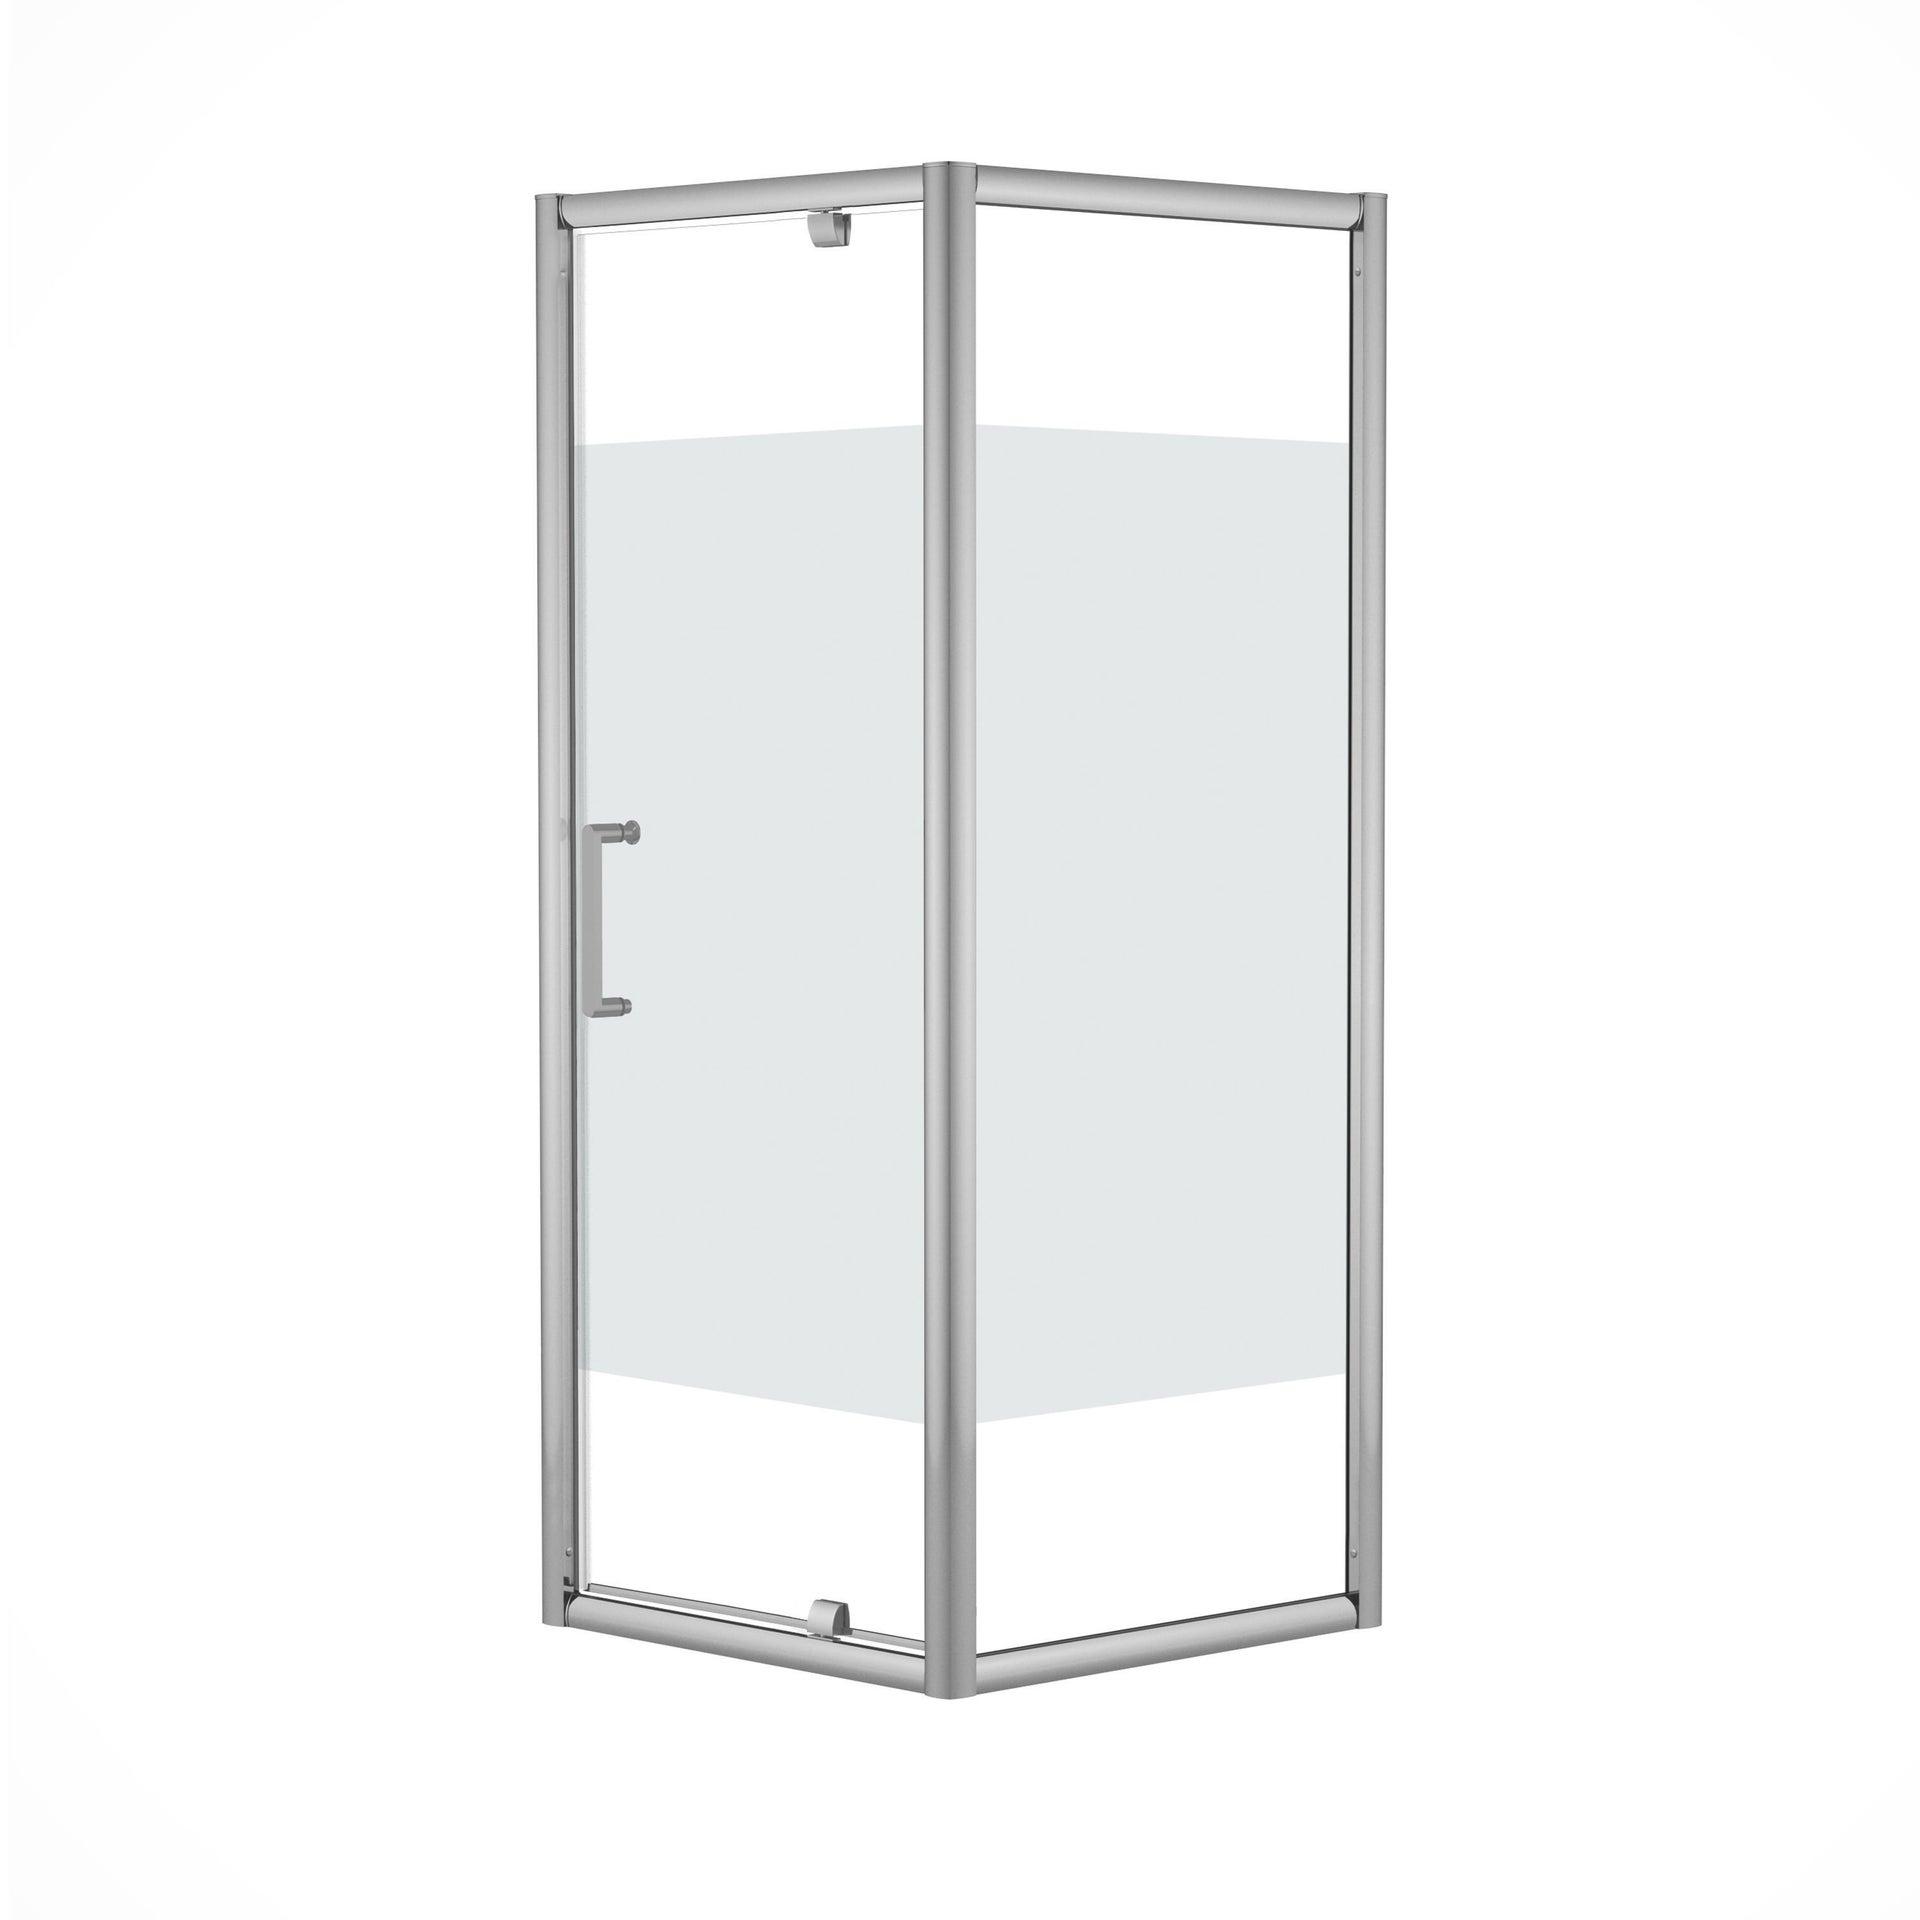 Box doccia quadrato battente Quad 70 x 80 cm, H 190 cm in vetro temprato, spessore 6 mm serigrafato argento - 4